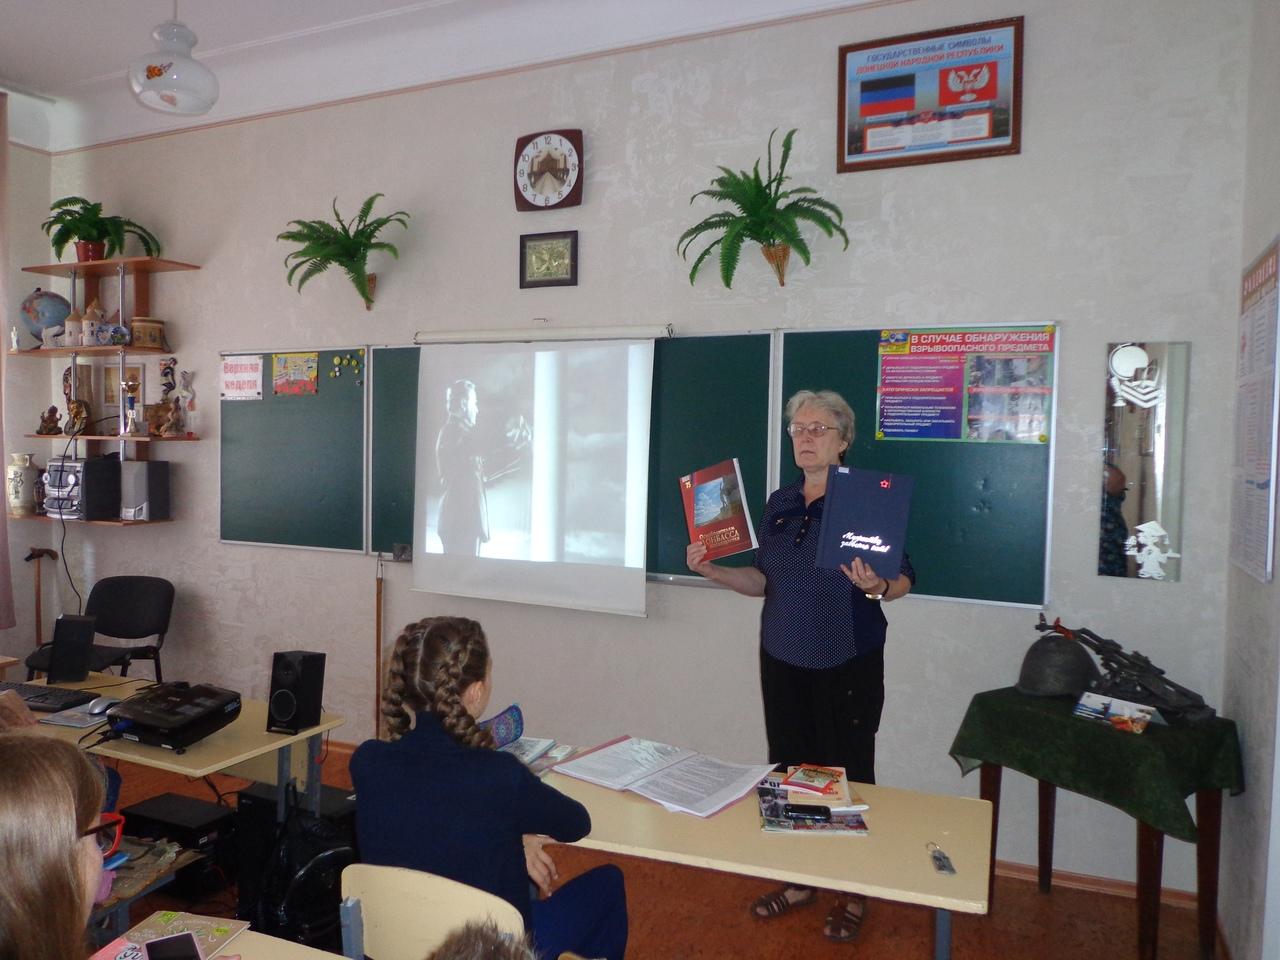 Донецкая республиканская библиотека для детей, занятия с детьми, в библиотеке интересно, отдел обслуживания учащихся 5-9 классов, патриотическое воспитание детей